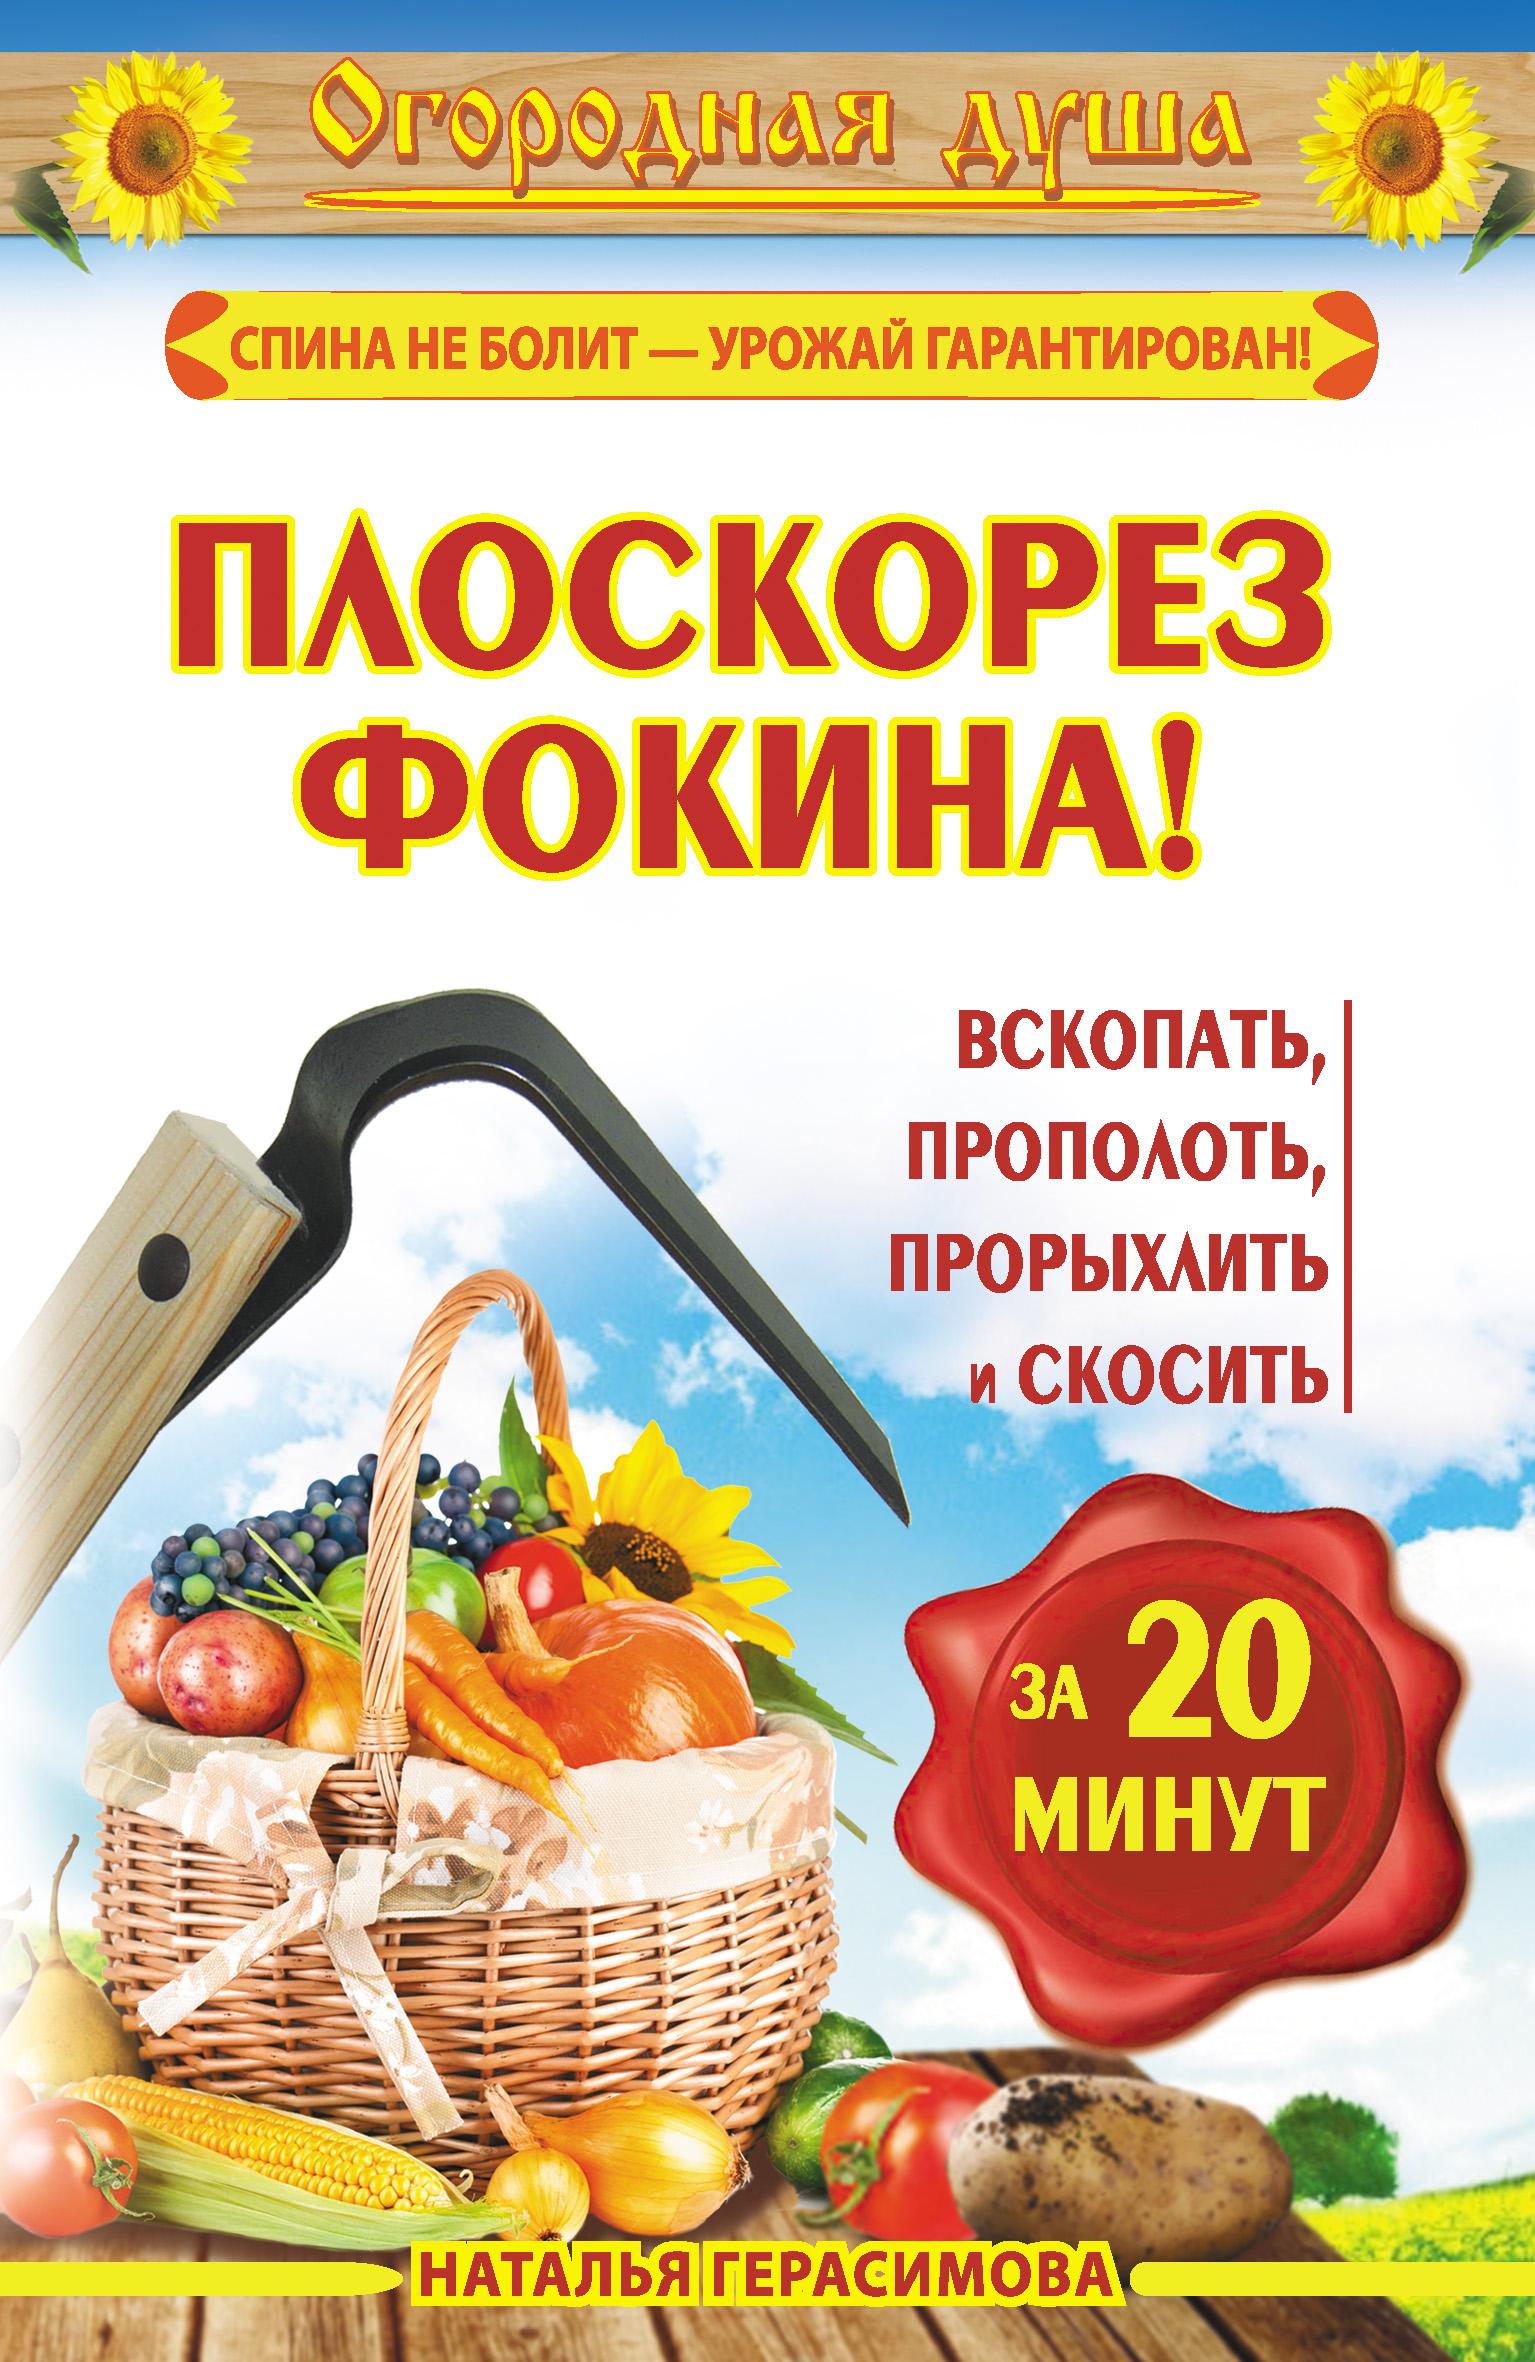 Наталья Герасимова Плоскорез Фокина! Вскопать, прополоть, прорыхлить и скосить за 20 минут